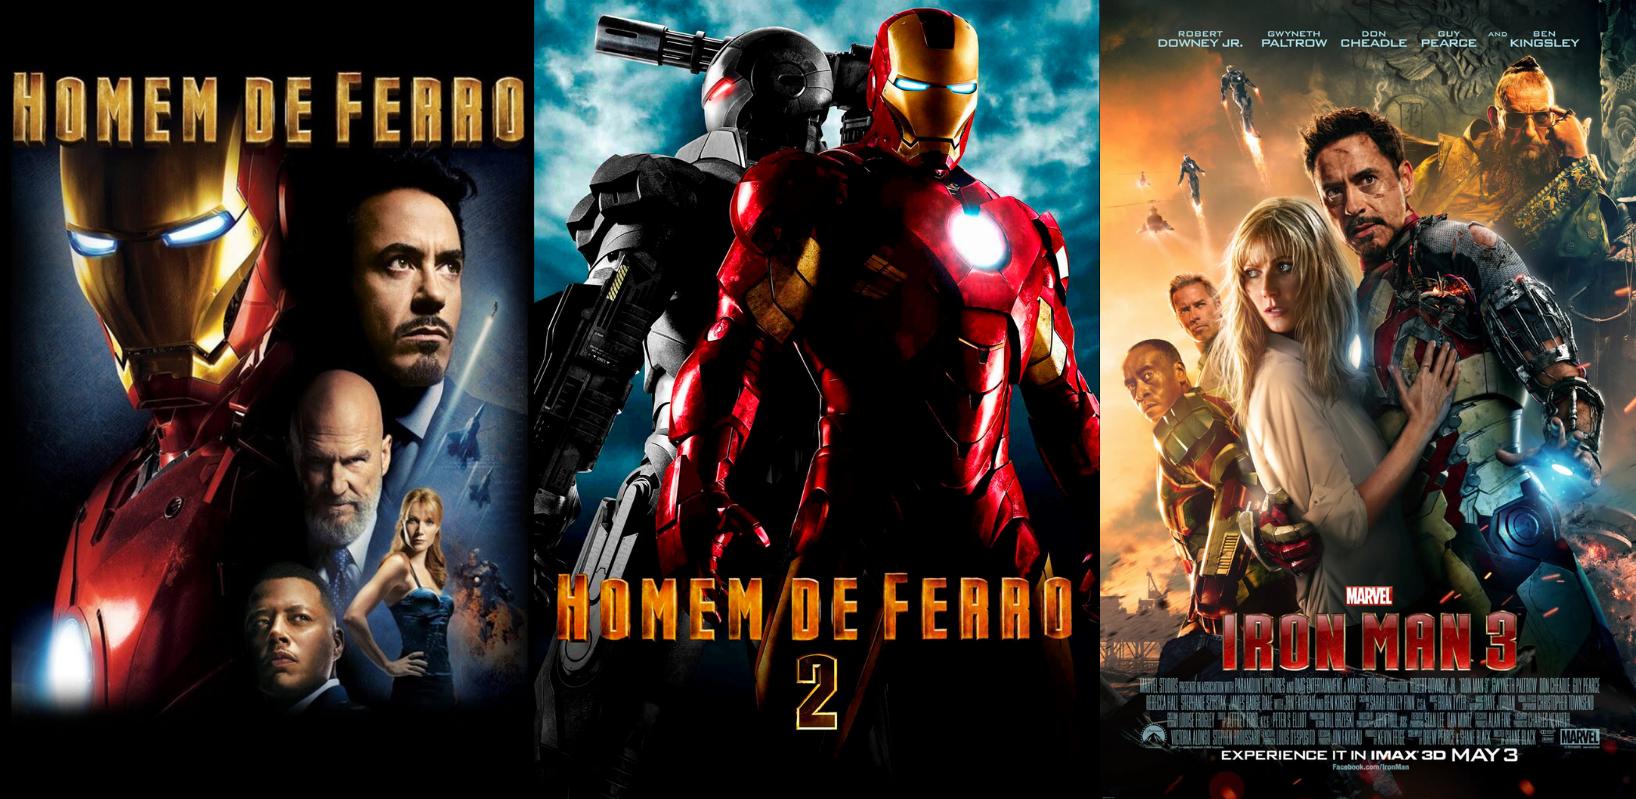 Homem de Ferro é uma franquia com 3 filmes em sequência.